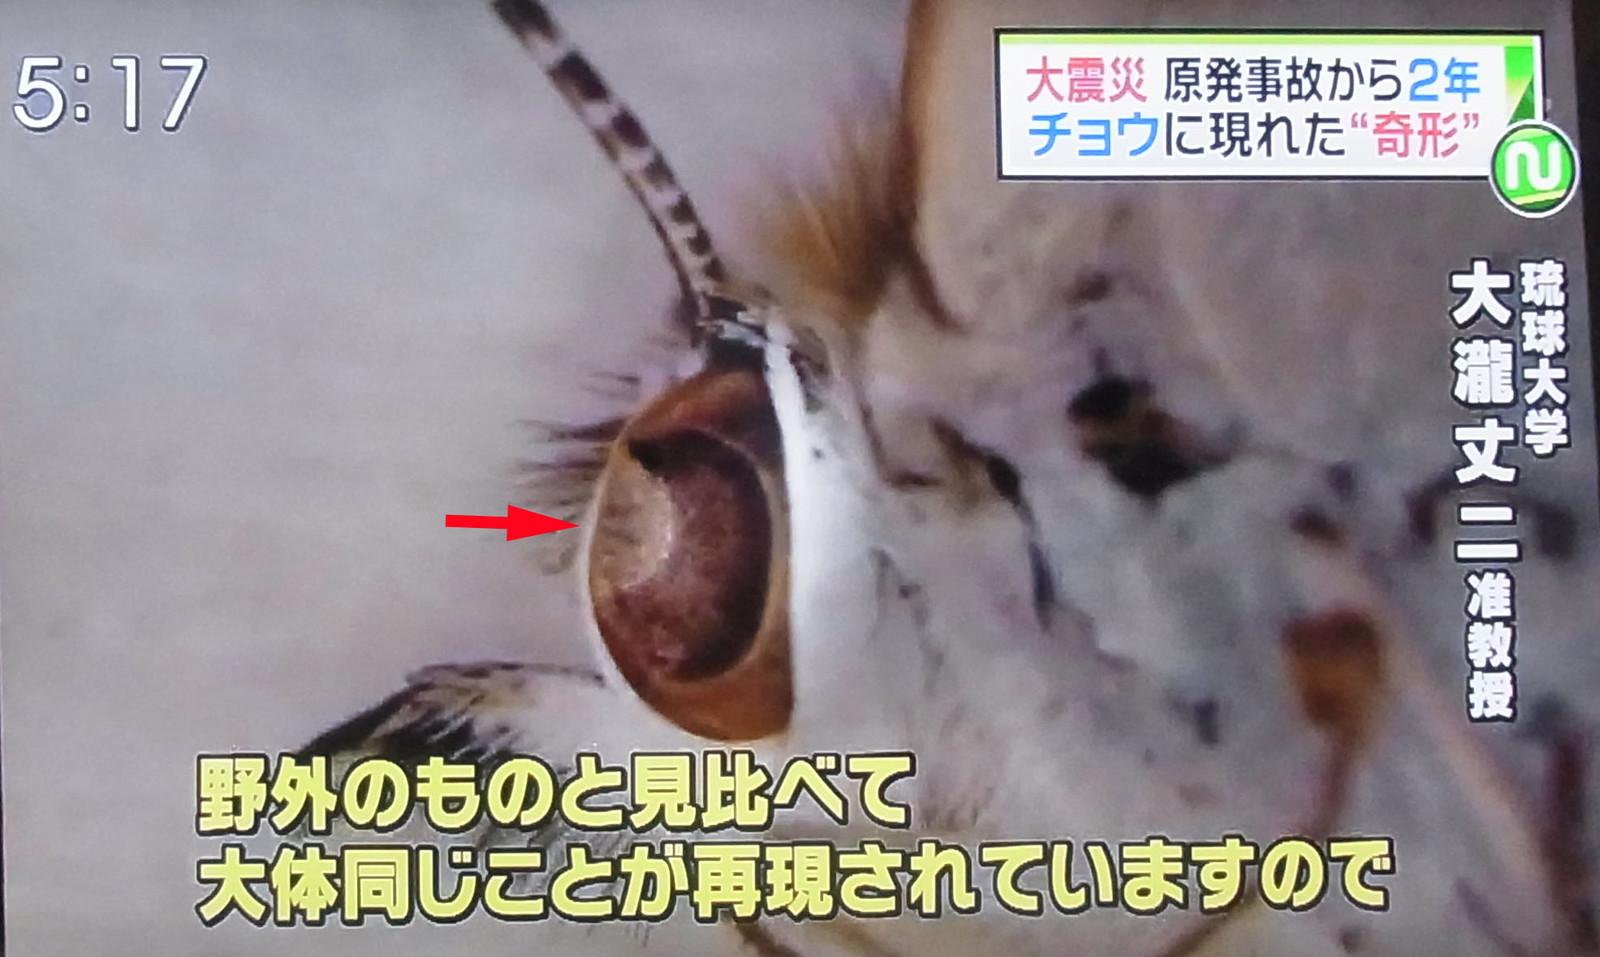 原発ゼロ・脱被曝 どうしたらできる?: 福島原発事故 原発ゼロ・脱被曝 どうしたらできる? 原発